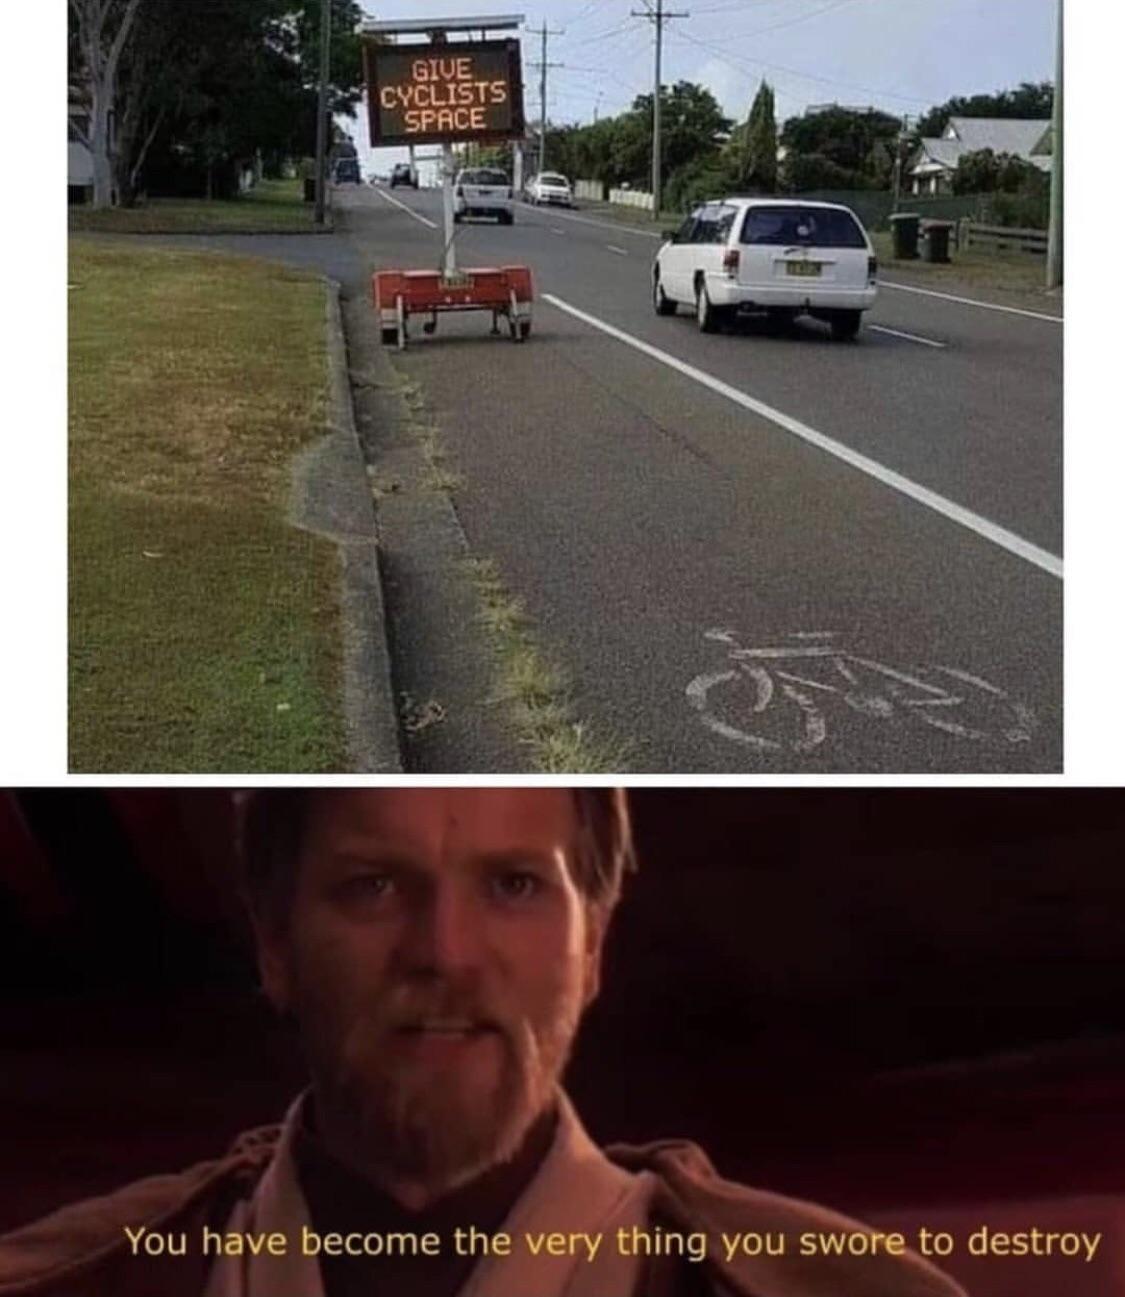 You failed me.